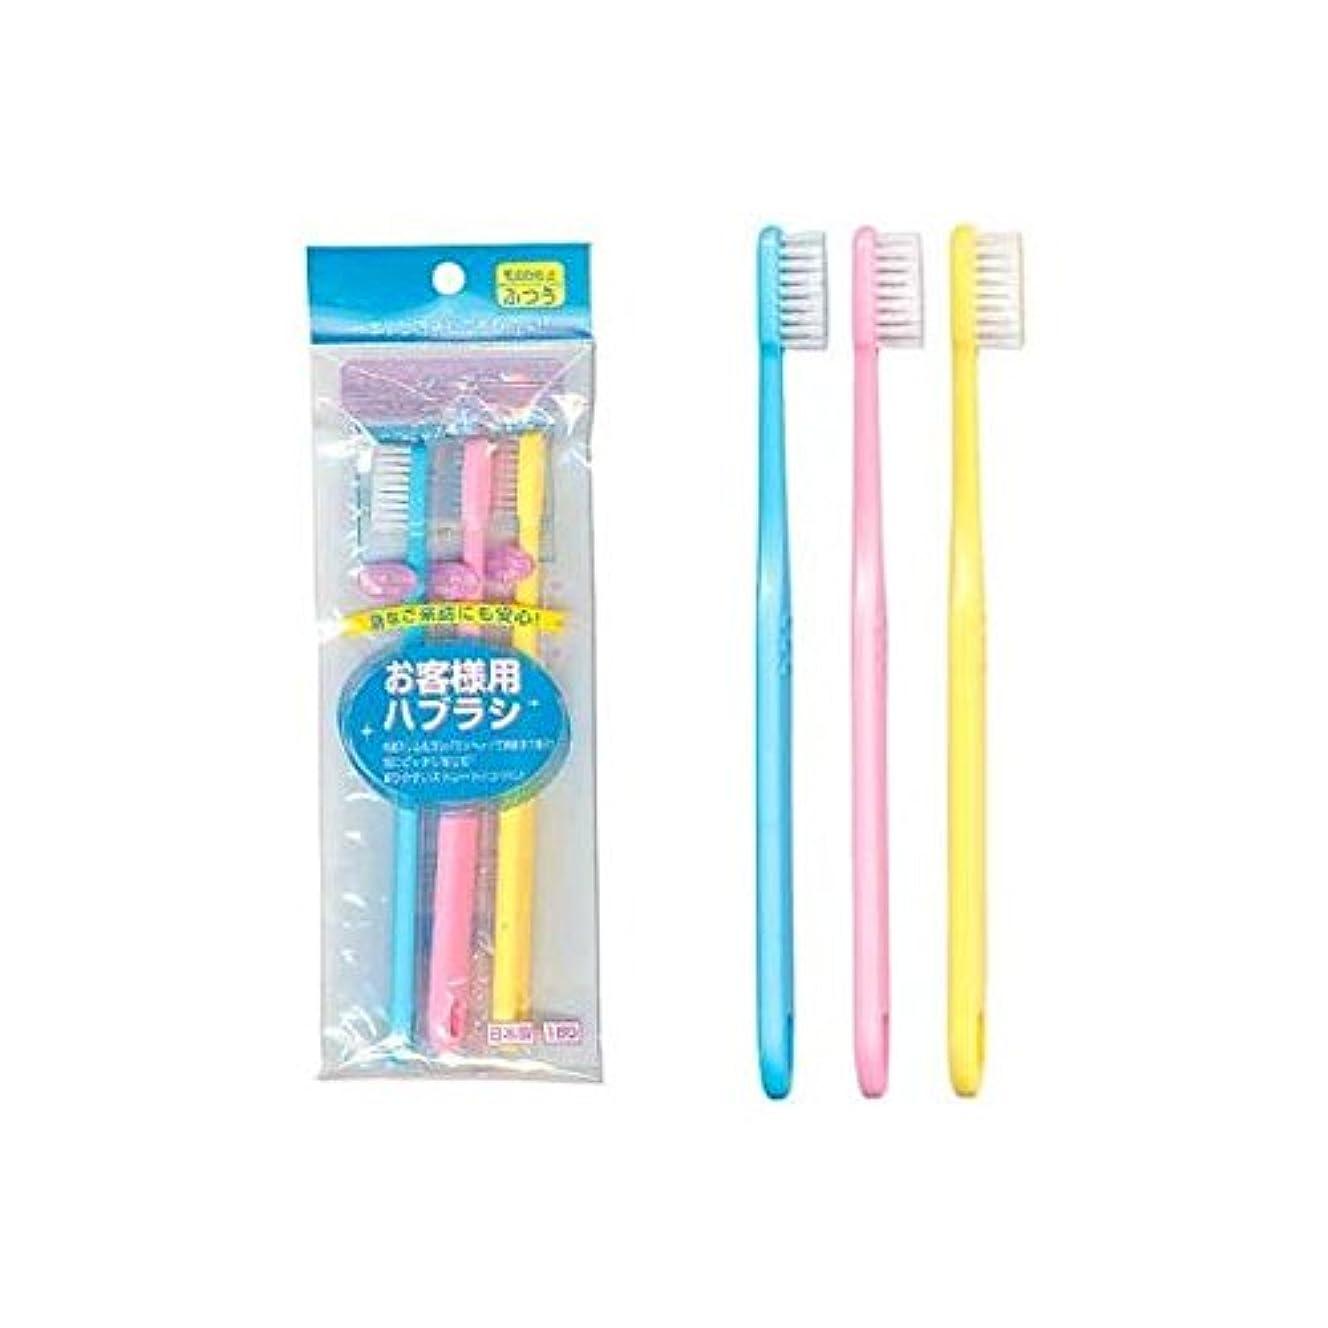 満州補償出力お客様用歯ブラシ(3P) [12個セット] 41-006